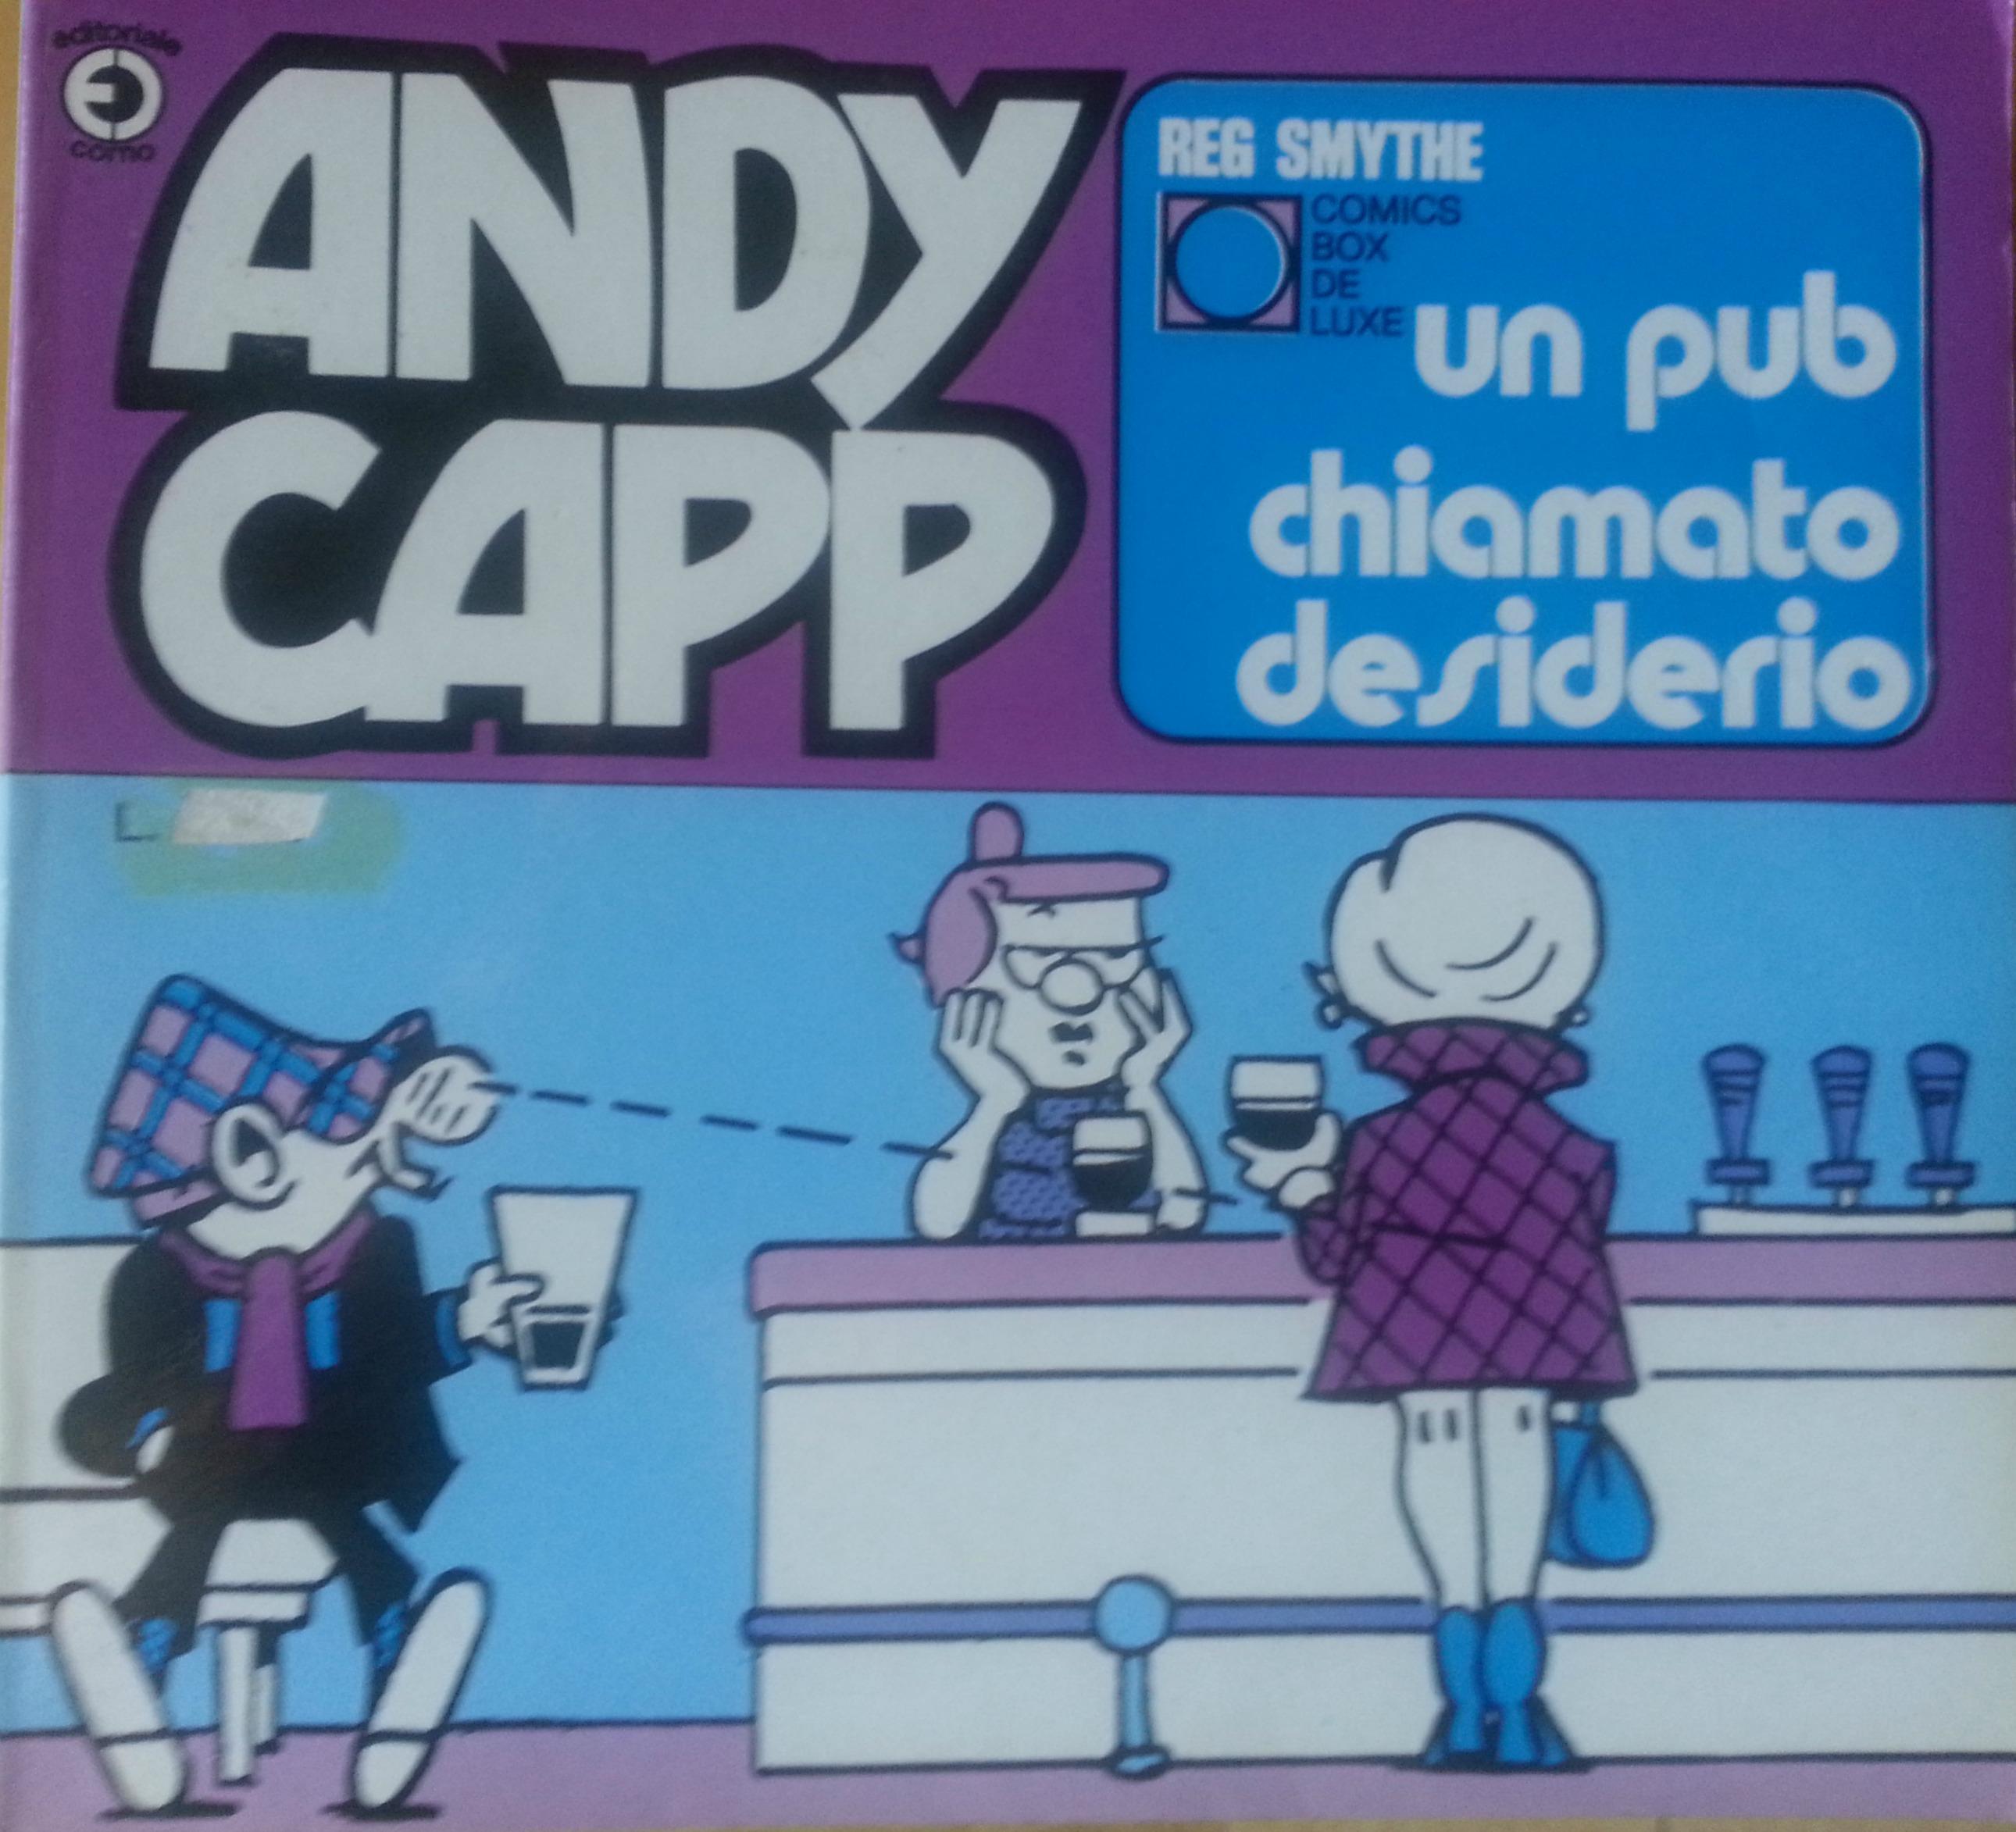 Andy Capp: un pub ch...